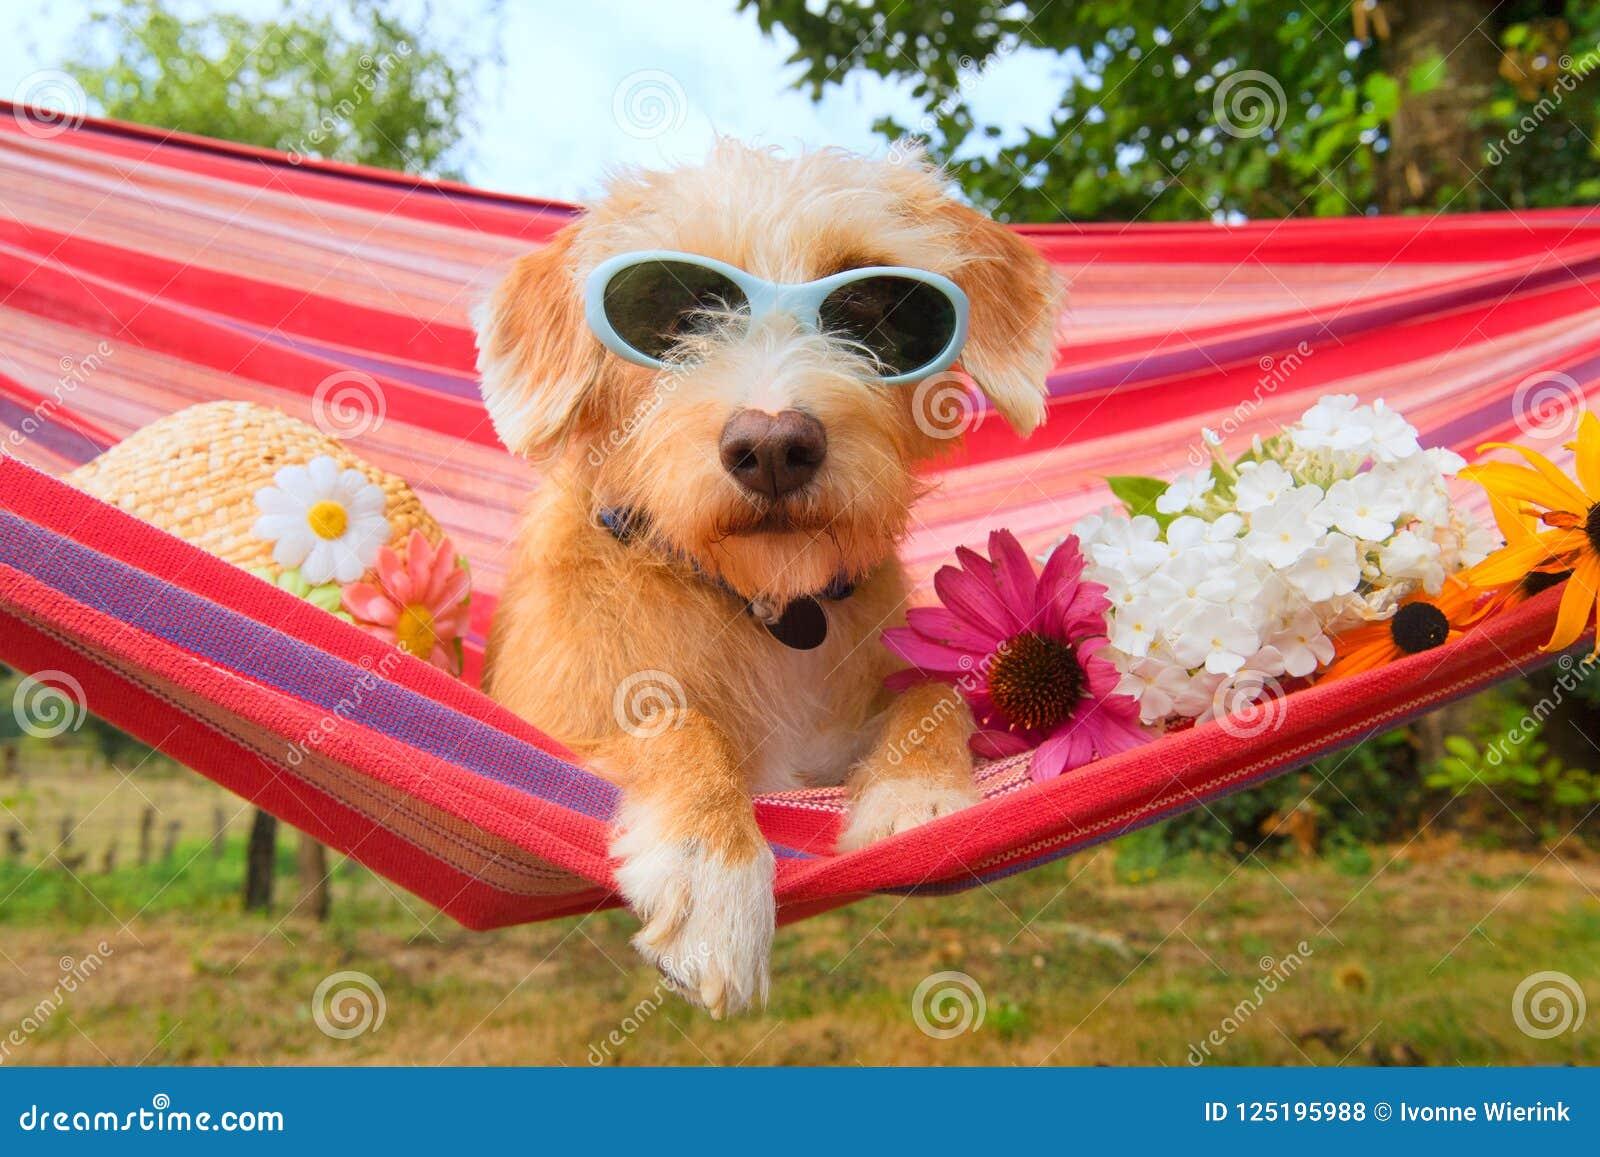 Pequeño perro divertido el vacaciones en hamaca